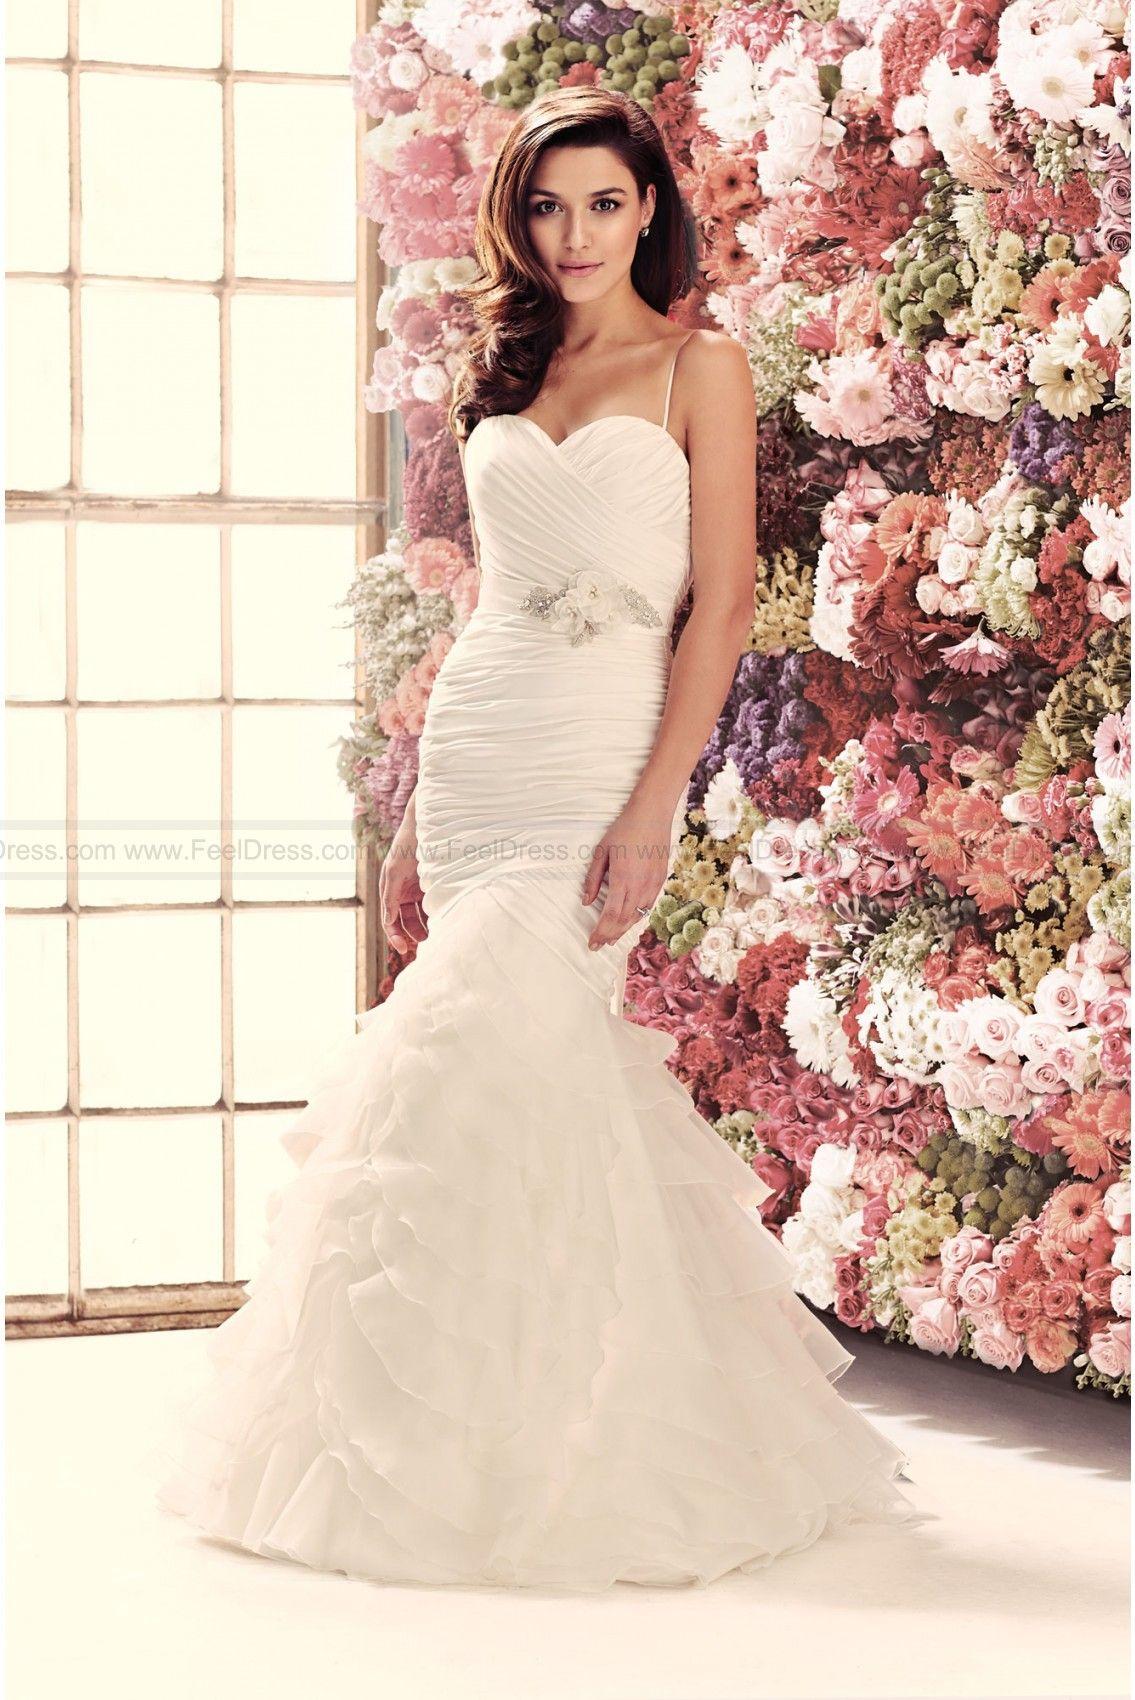 Mikaella bridal style mikaella bridal pinterest mikaella